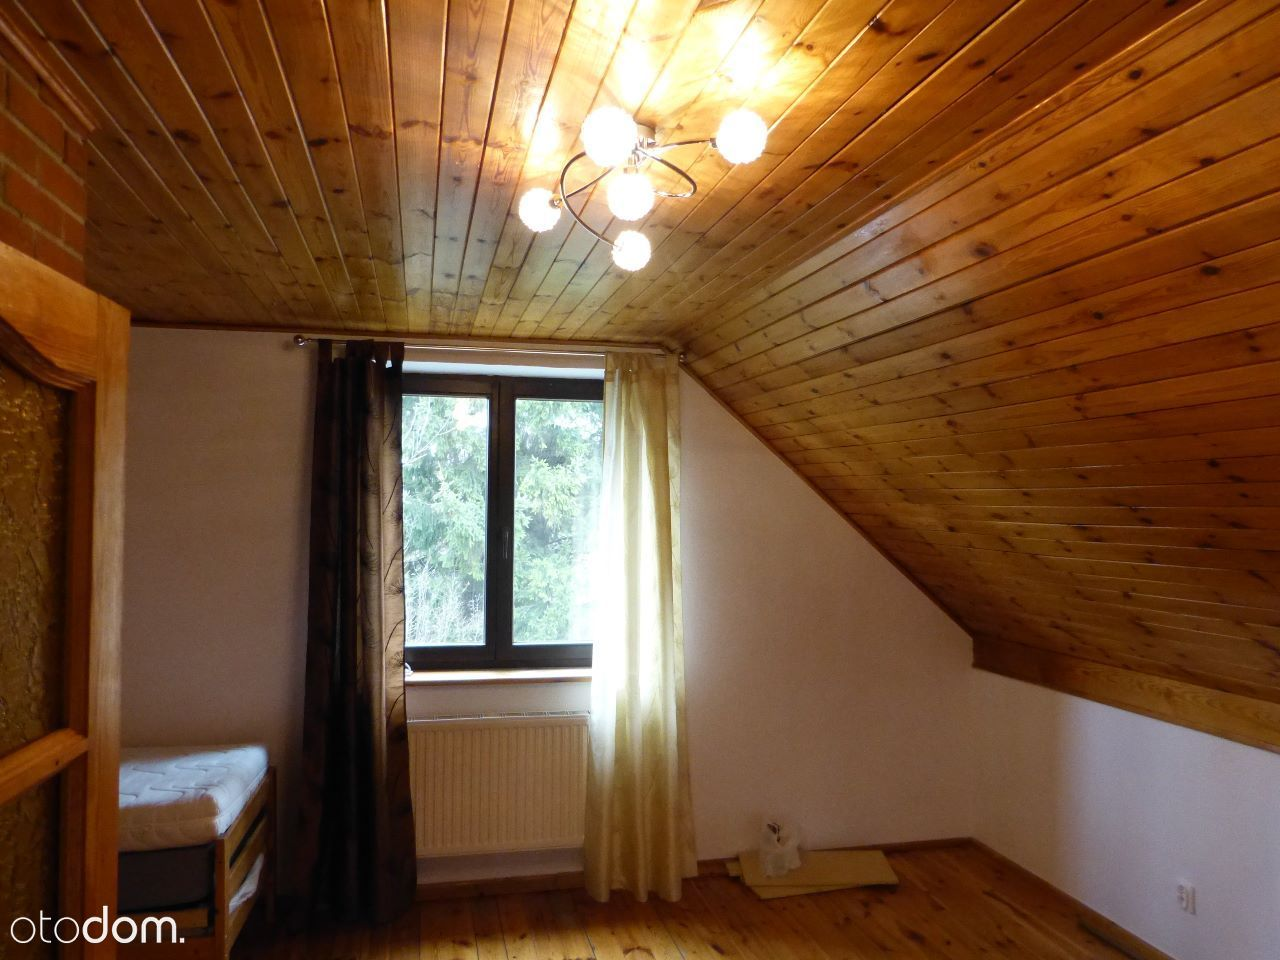 Dom na wynajem, Koczargi Nowe, warszawski zachodni, mazowieckie - Foto 17